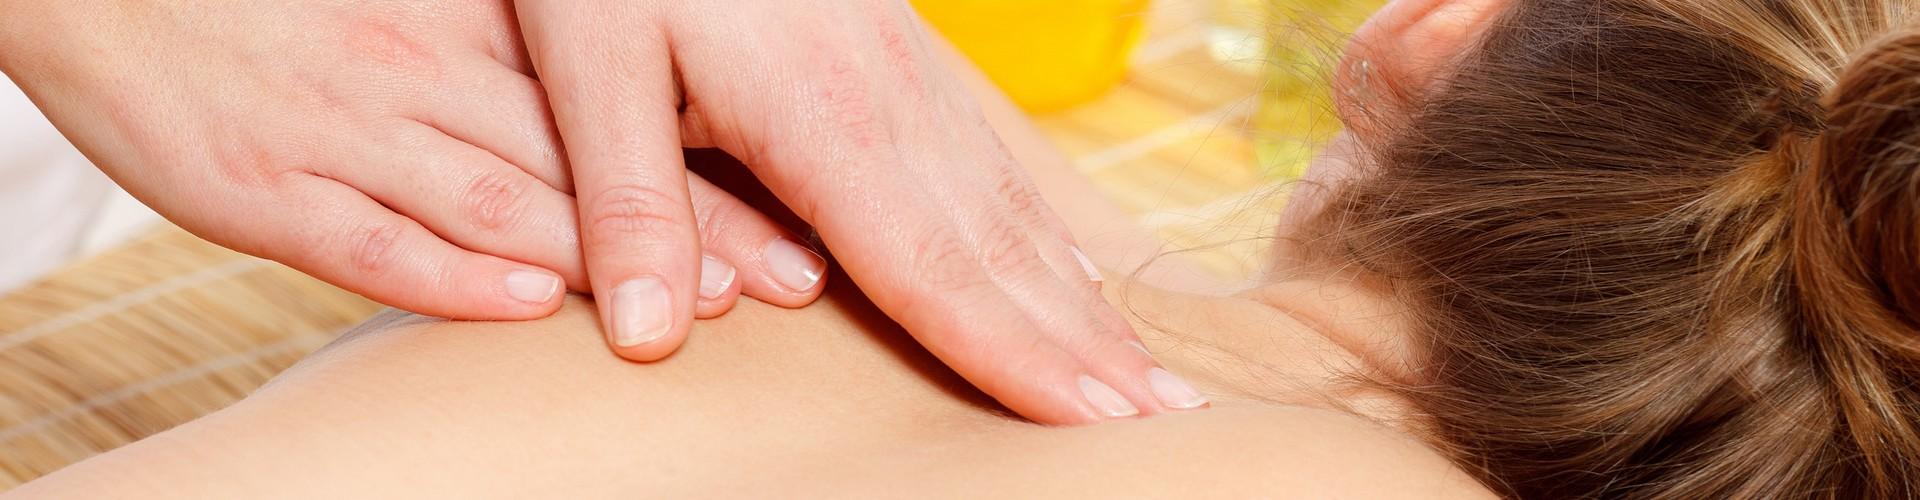 Gesundheit-Entspannung-Vera-Schneemann-Lebenslauf-Heilpraktikerin-Osteopathin-2